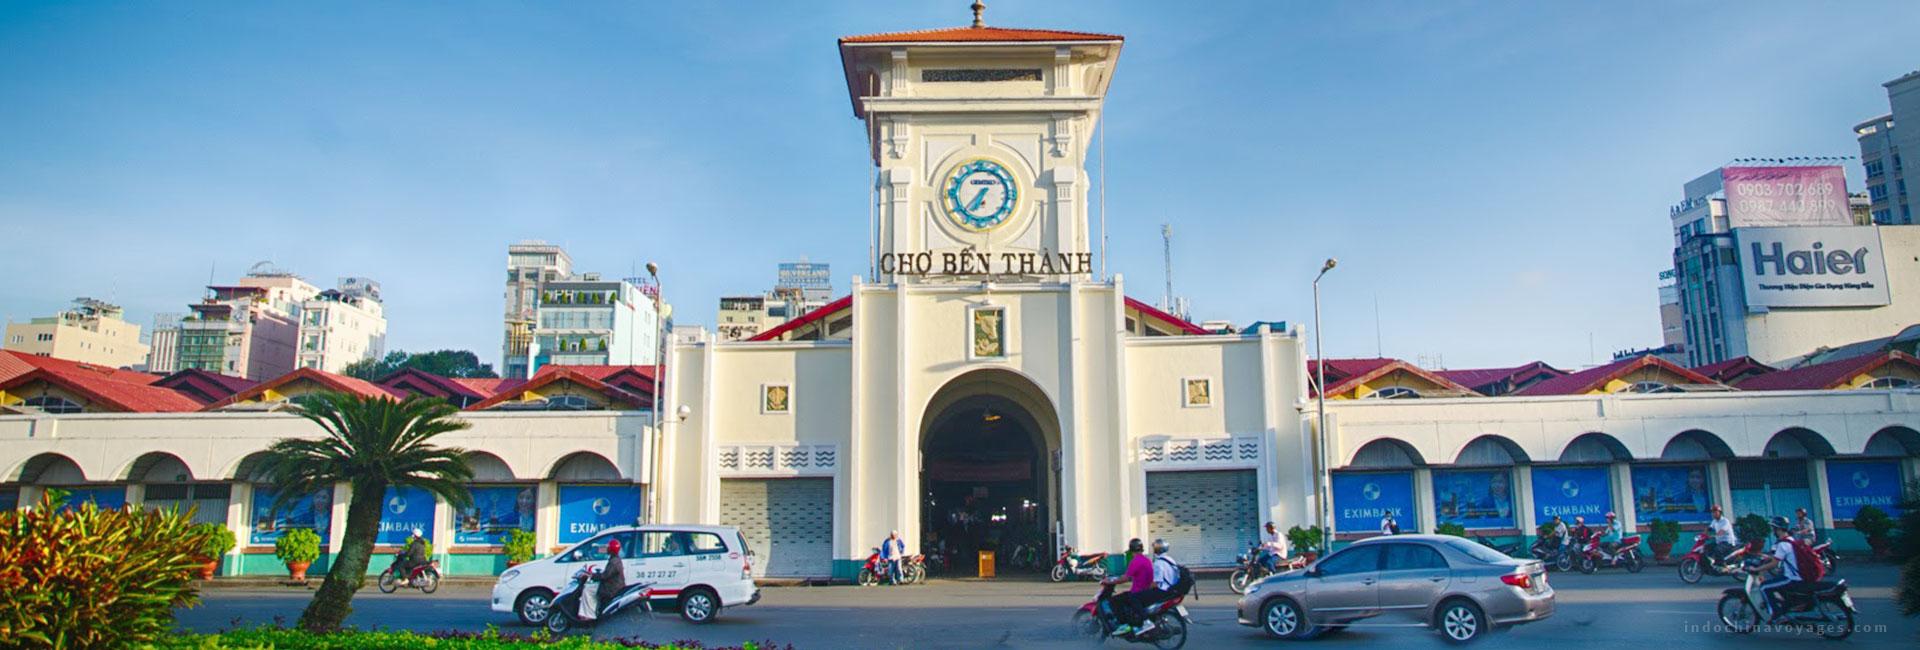 Taste of Ho Chi Minh & Mekong Delta 3 days Baner